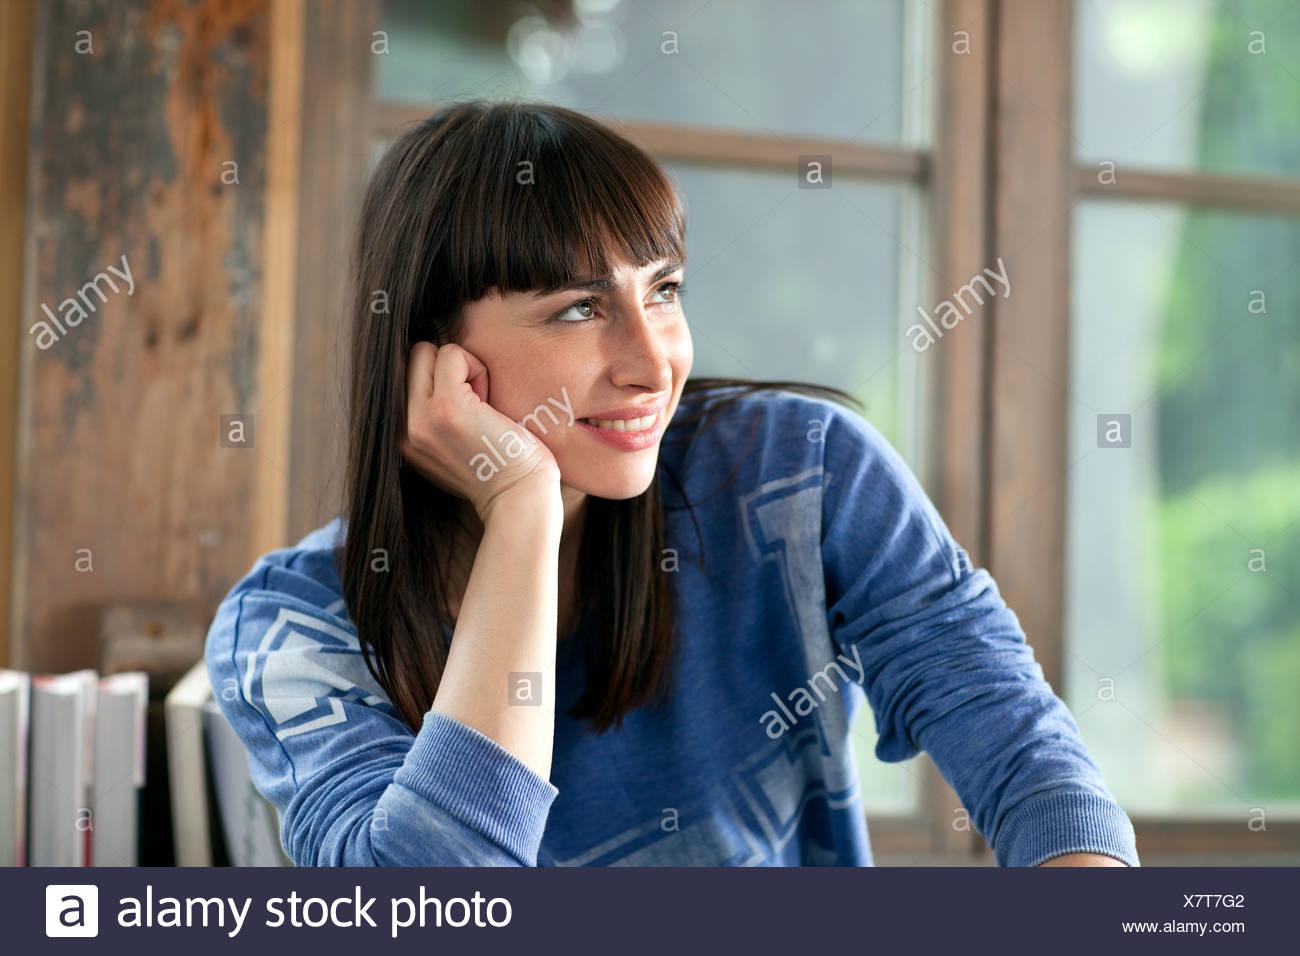 Retrato de mujer morena sonriente con la mano en la barbilla Imagen De Stock